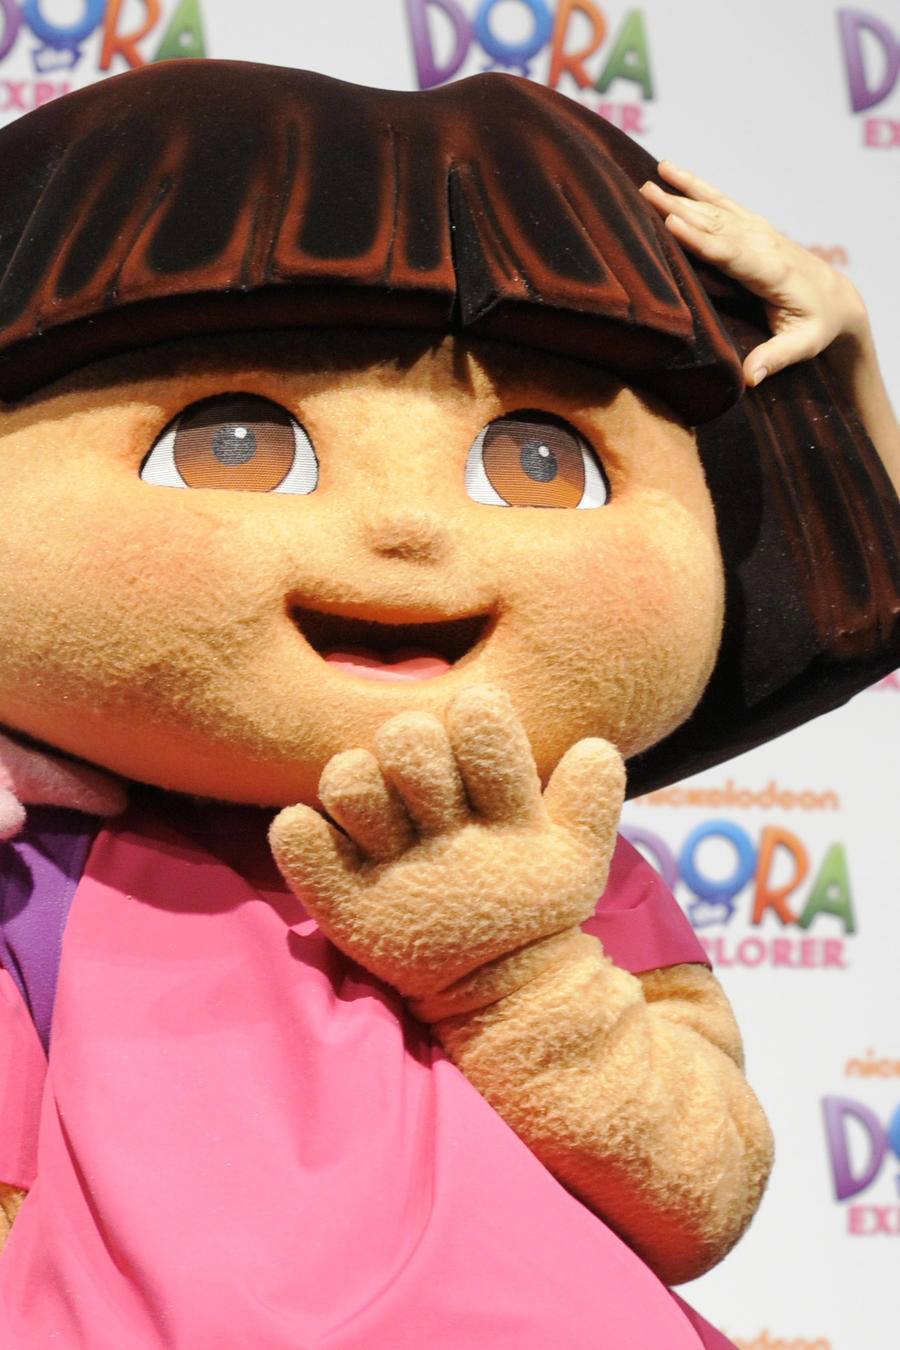 Salma Hayek junto a una muñeca de Dora la Exploradora en 2010